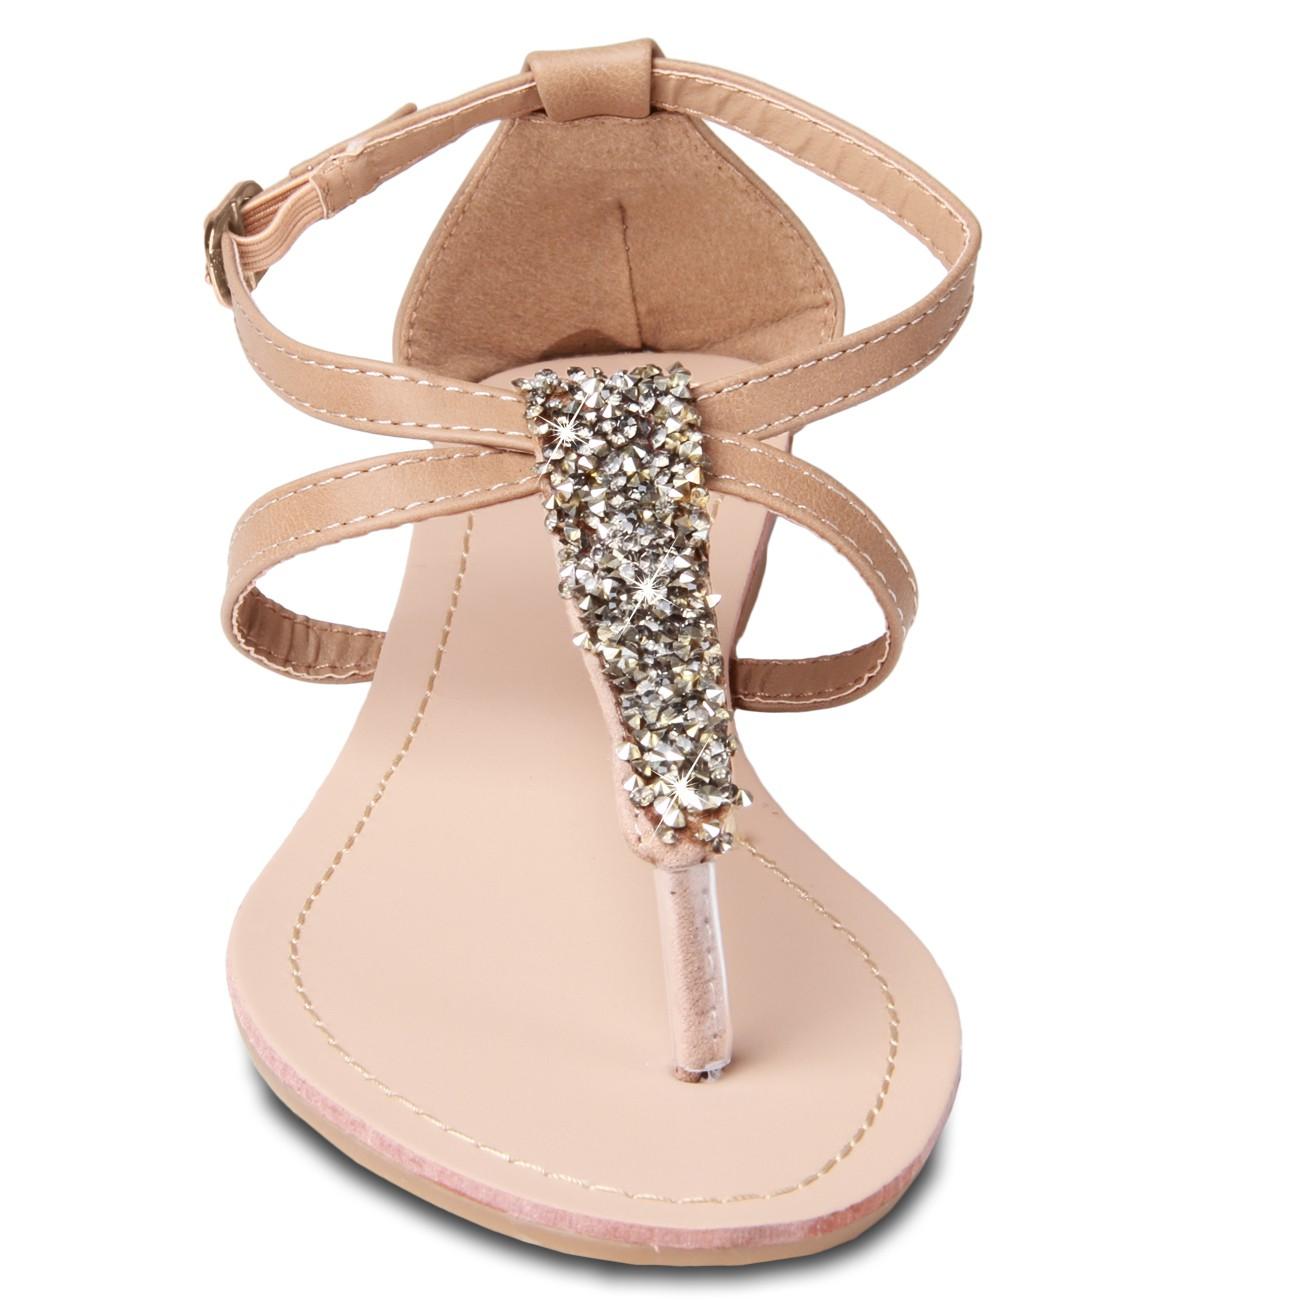 caspar damen sandaletten sandalen zehentrenner mit edlem strass und riemchen viele farben. Black Bedroom Furniture Sets. Home Design Ideas